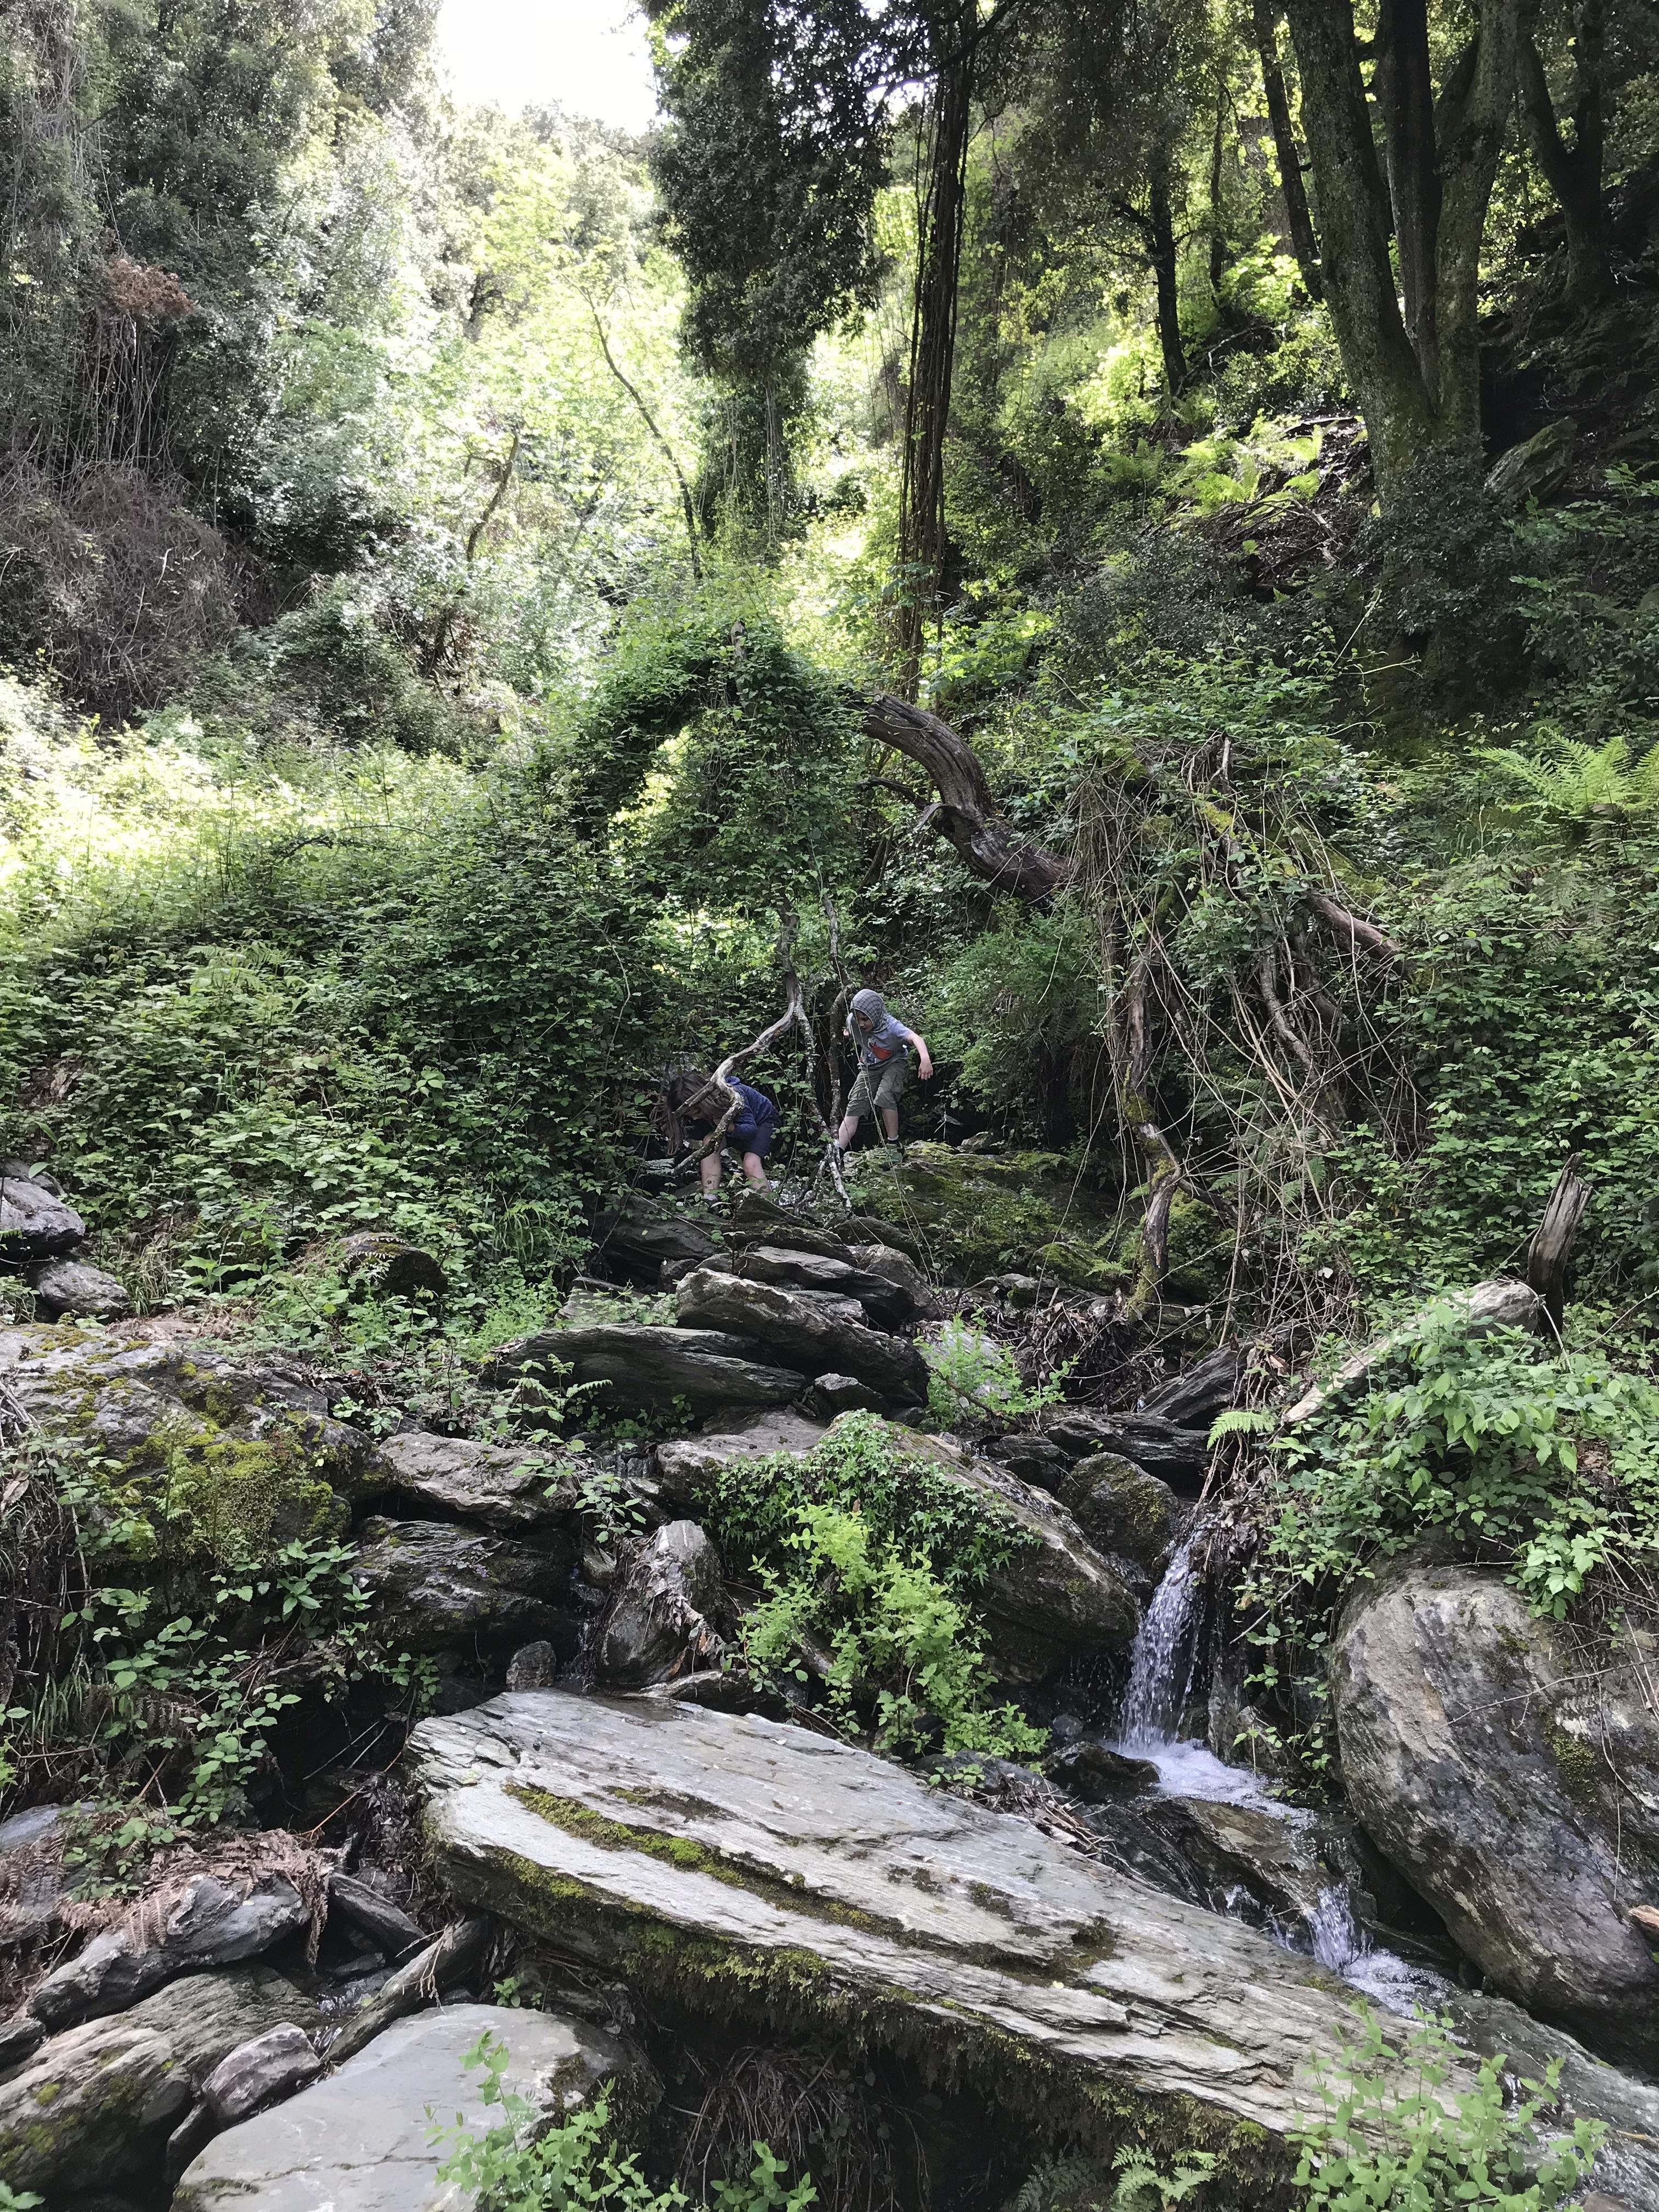 Die meiste Zeit läuft man durch dichten Wald, hat also Schatten.